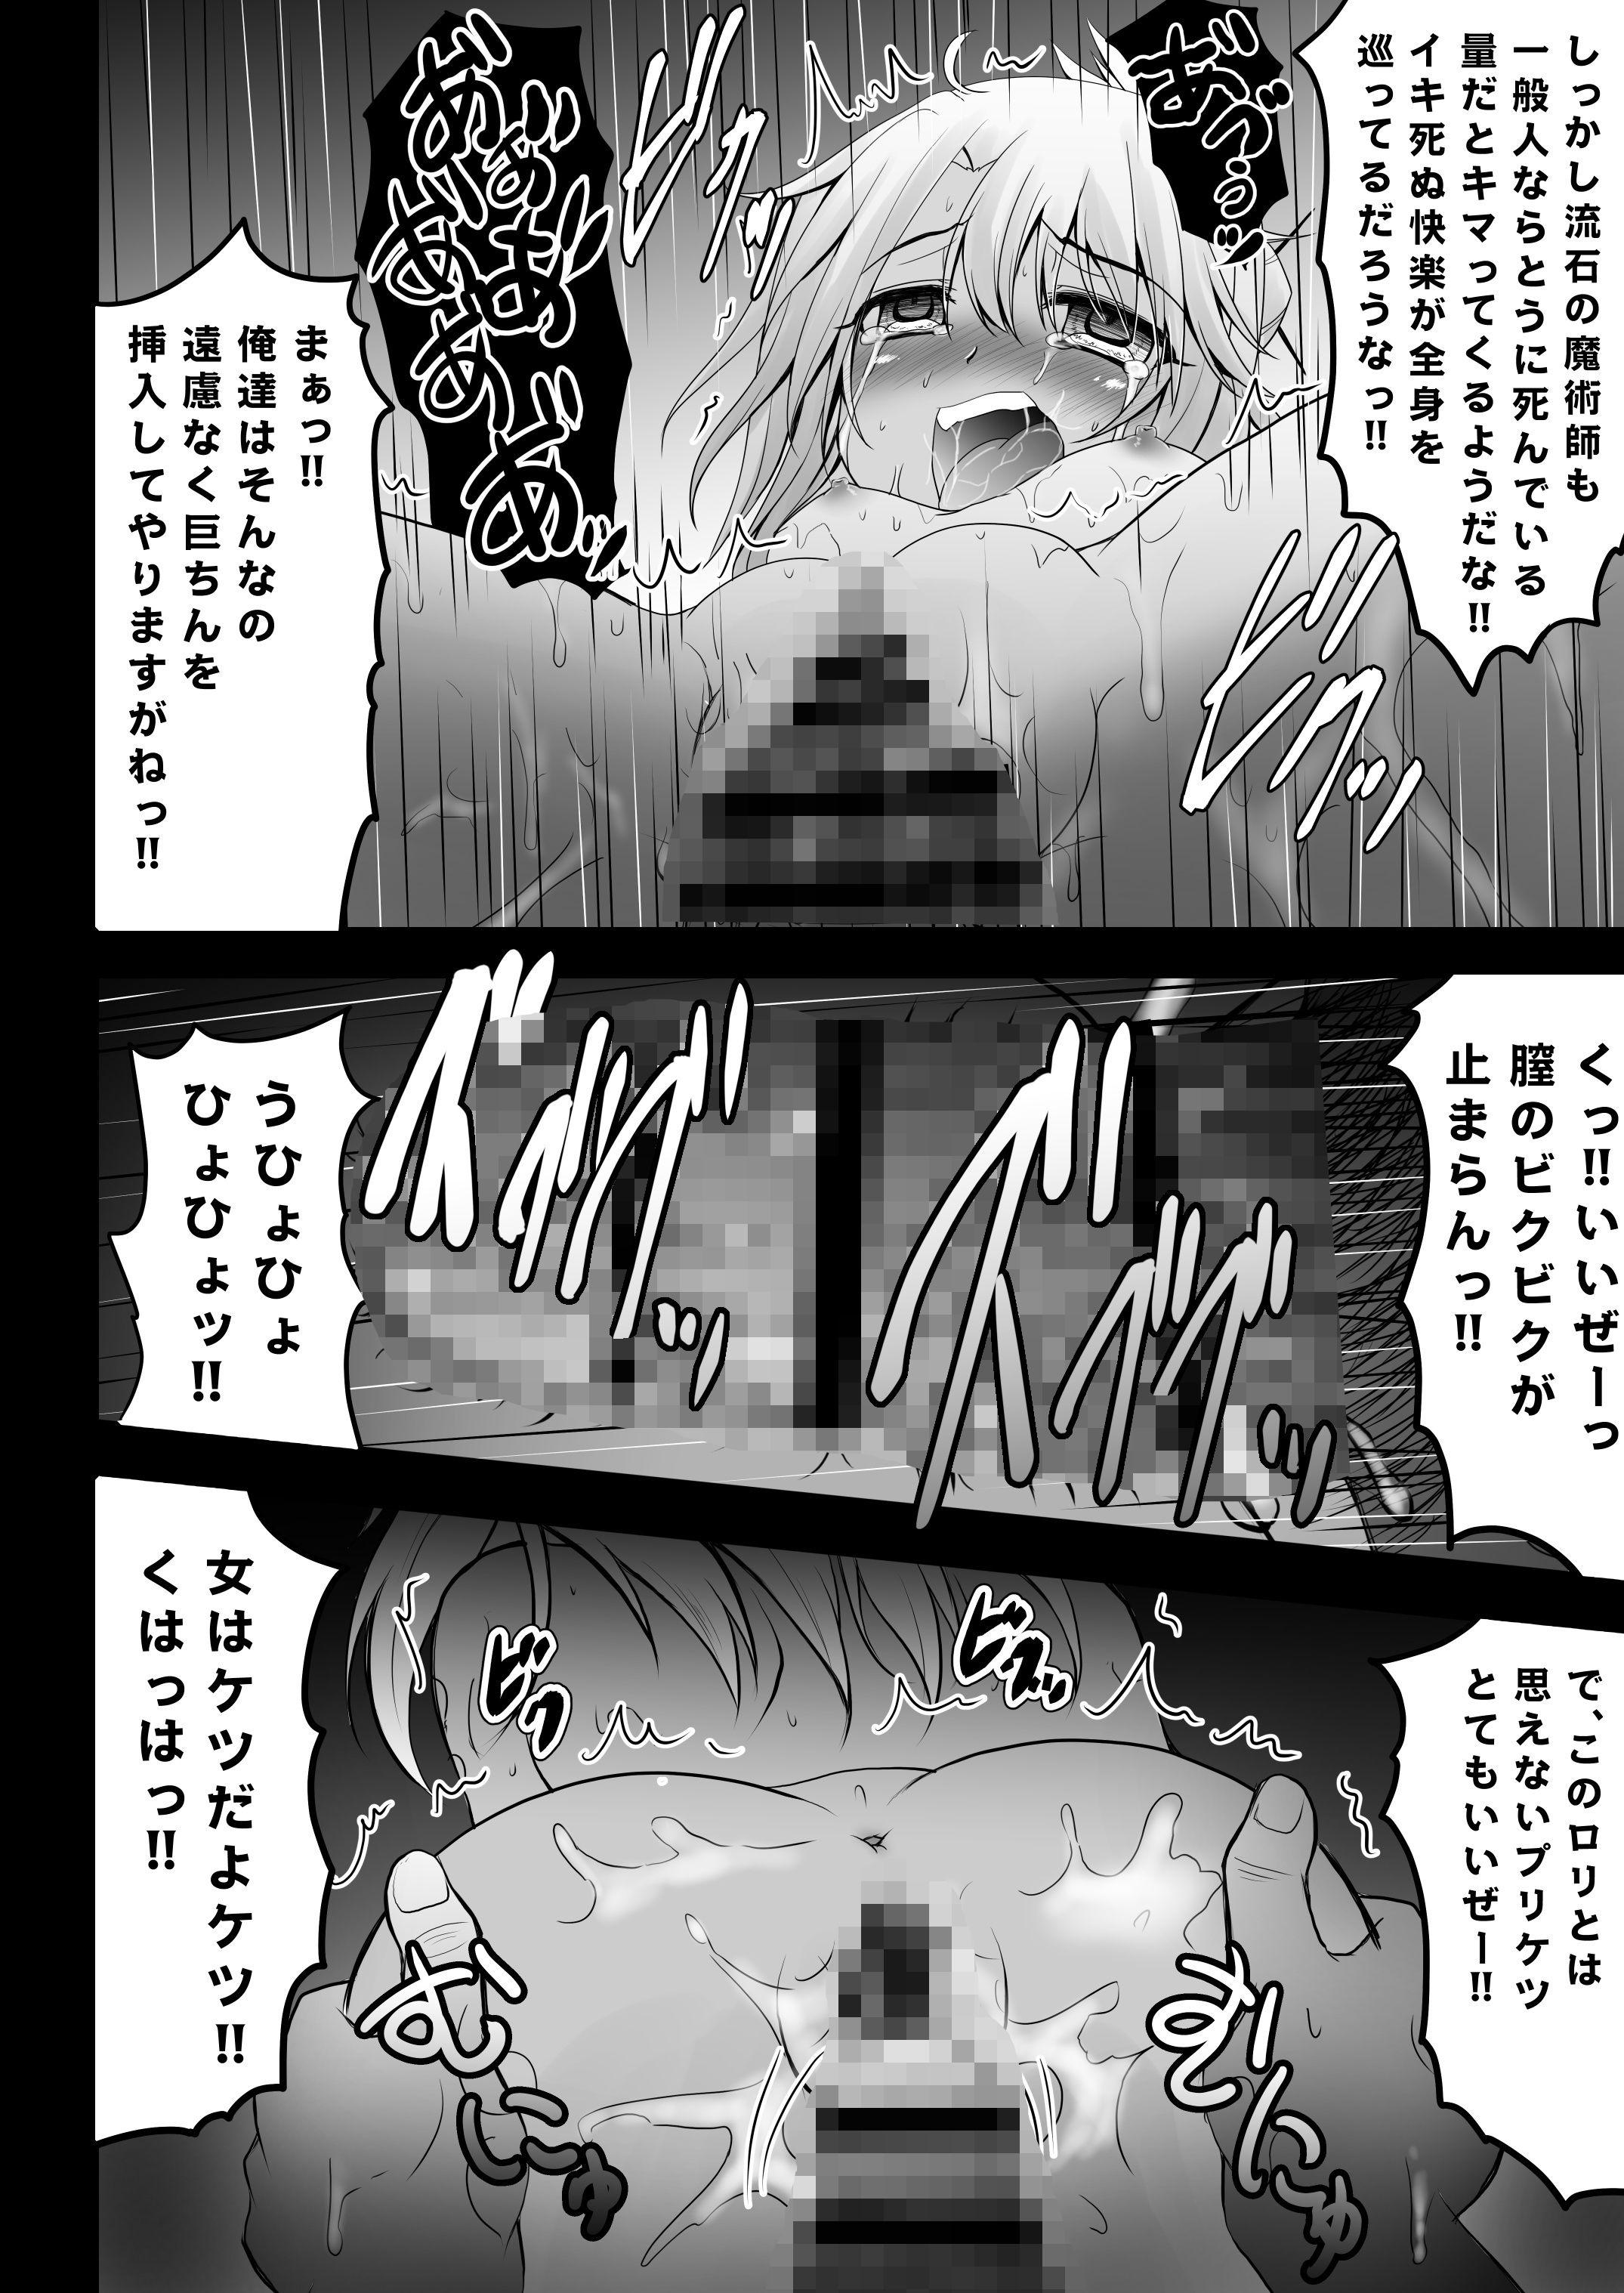 薬ヅケクロノススメ4